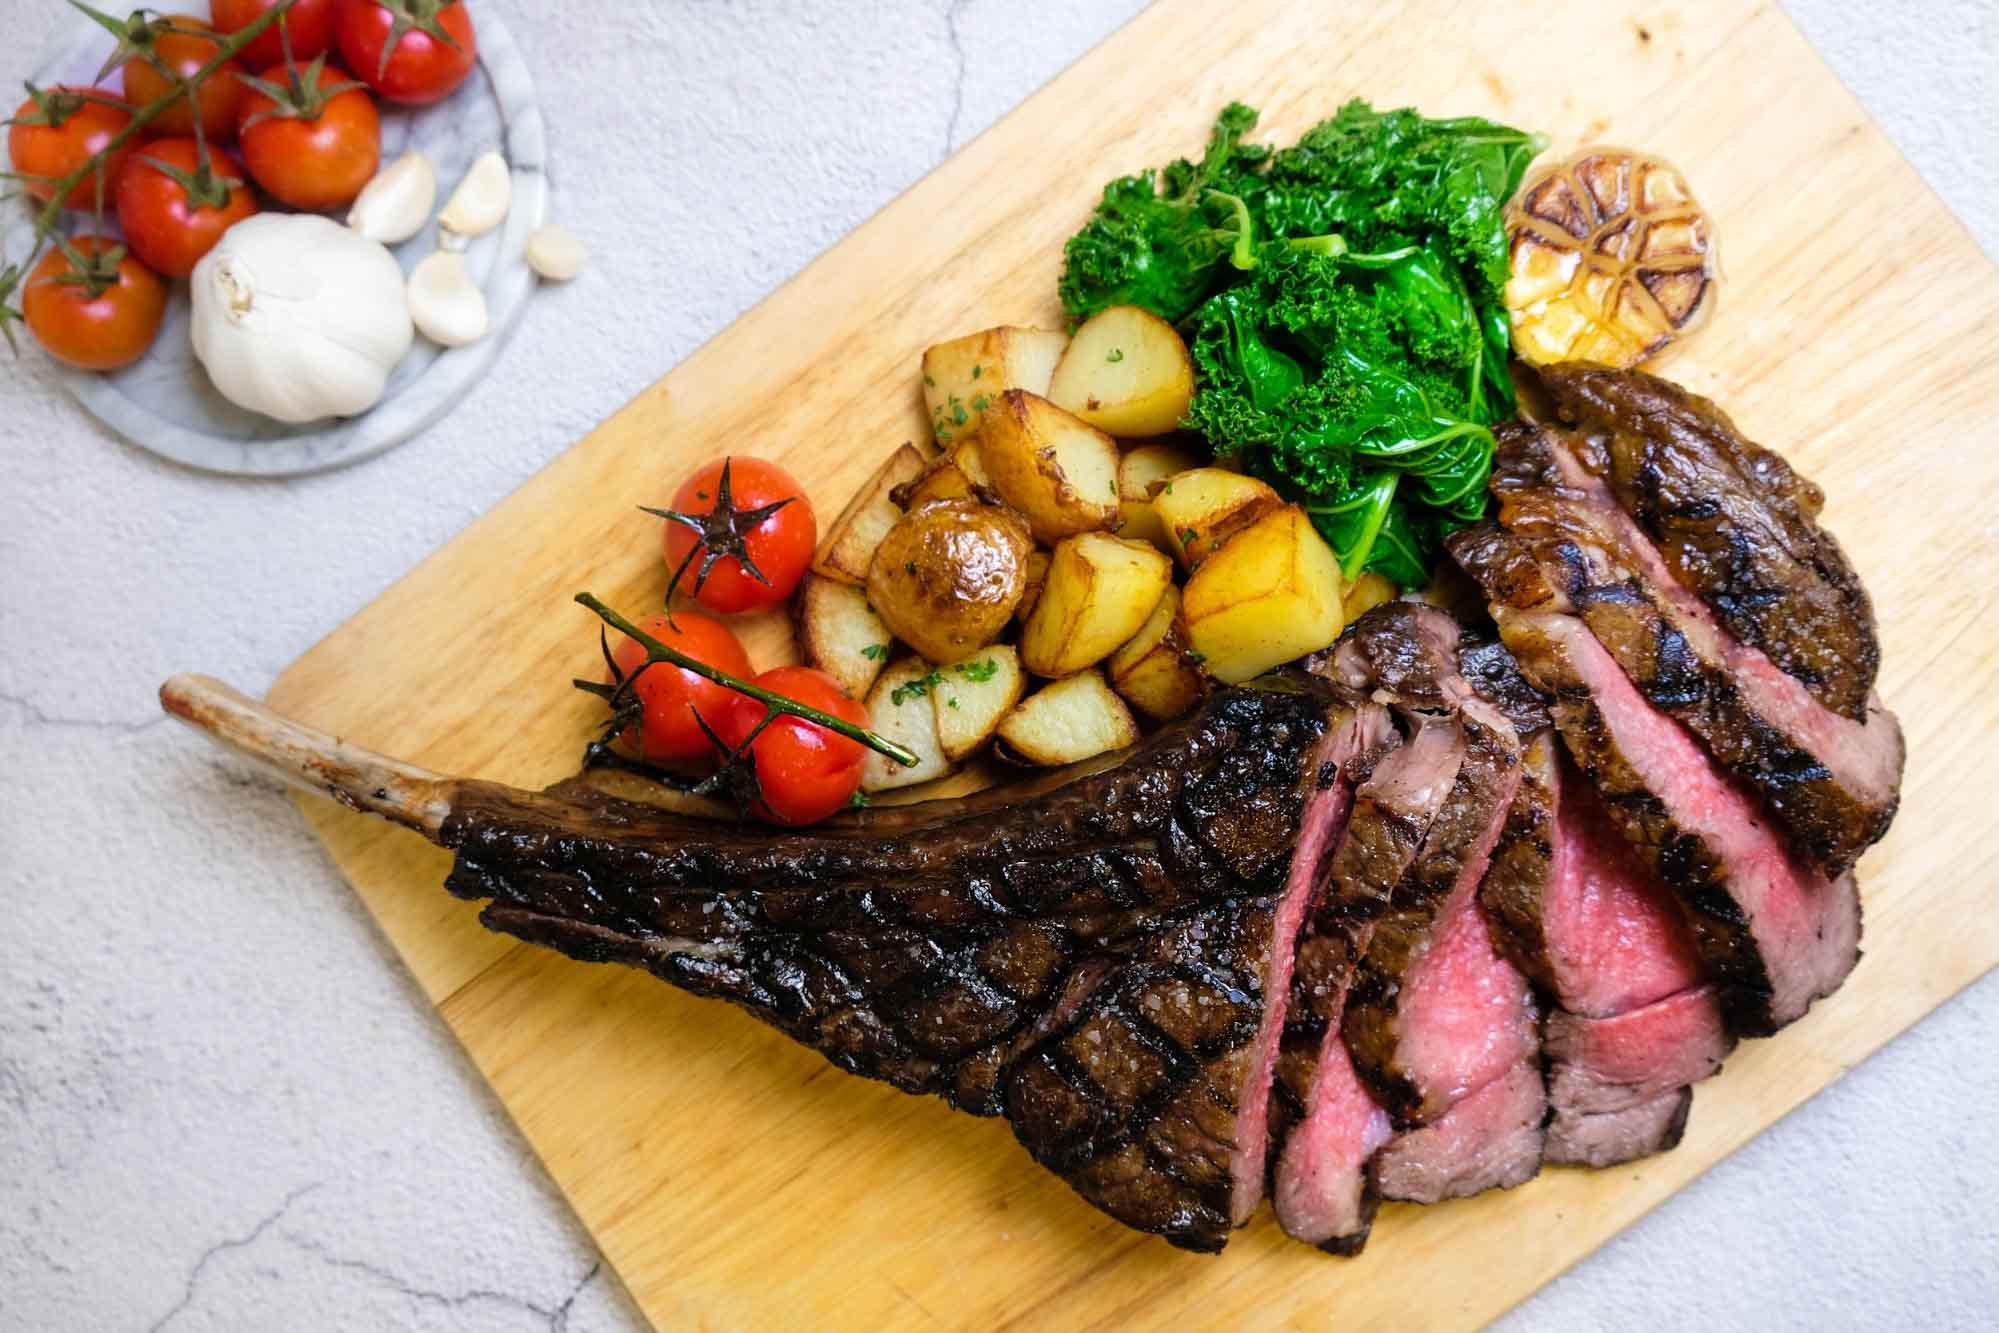 New Restaurants March 2020 - Ryan's Kitchen Aged Beef